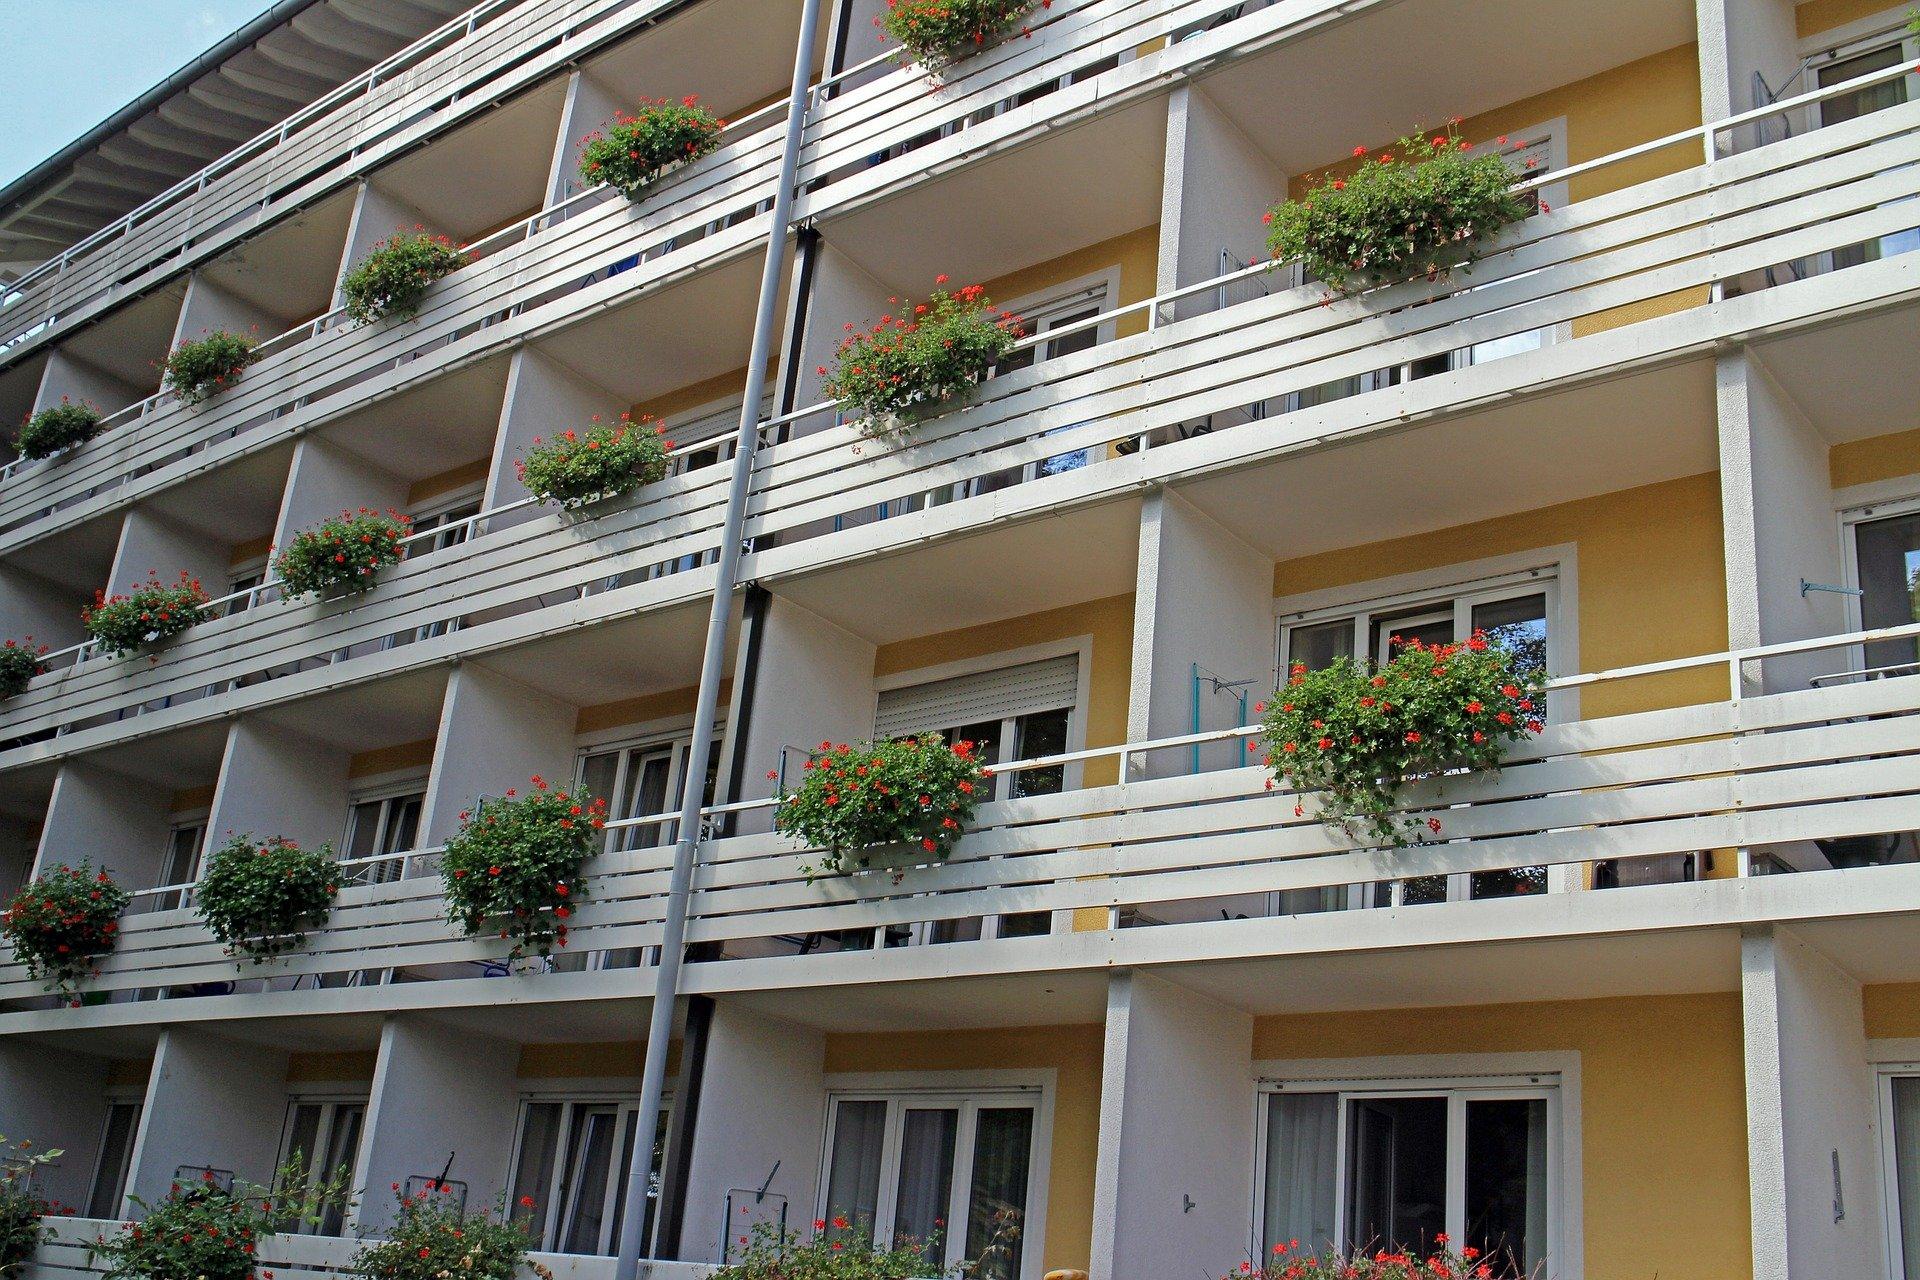 balconies-456654_1920